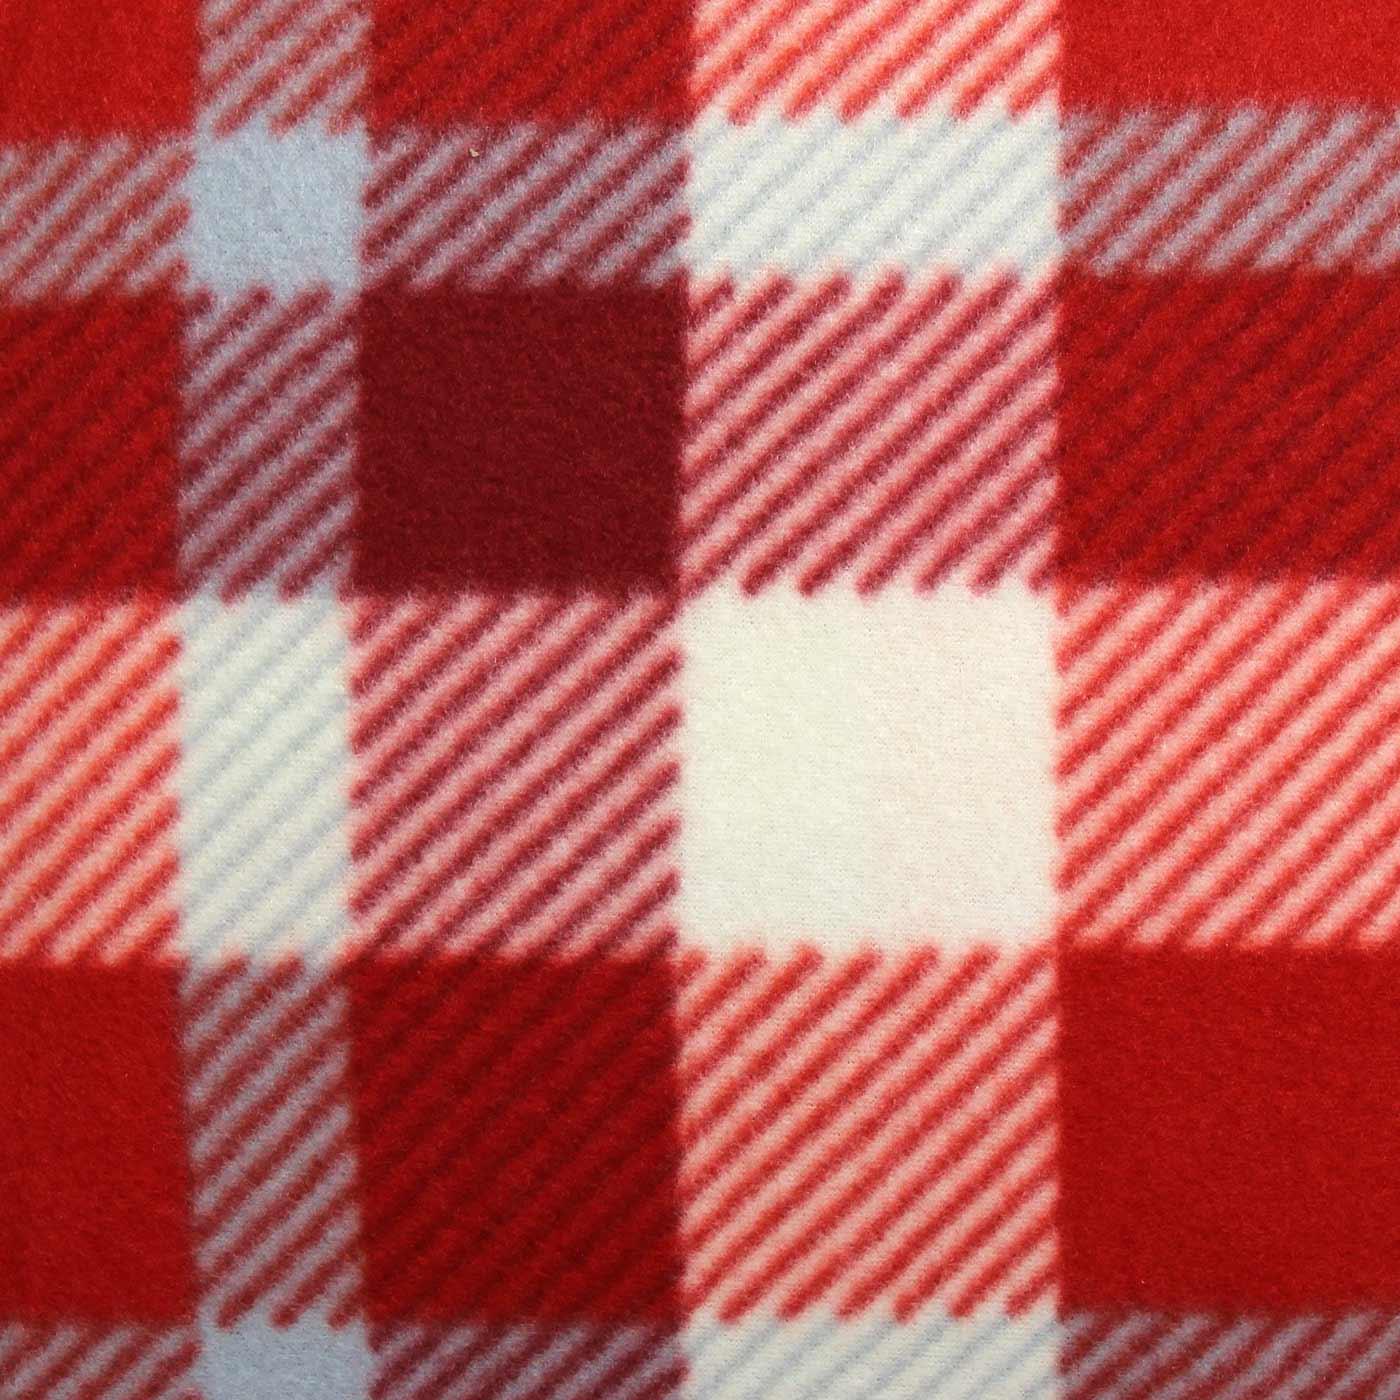 Sofa-de-verificacion-de-tartan-polar-mantas-polar-silla-acogedor-lanza-Manta-127cm-X-152cm miniatura 7